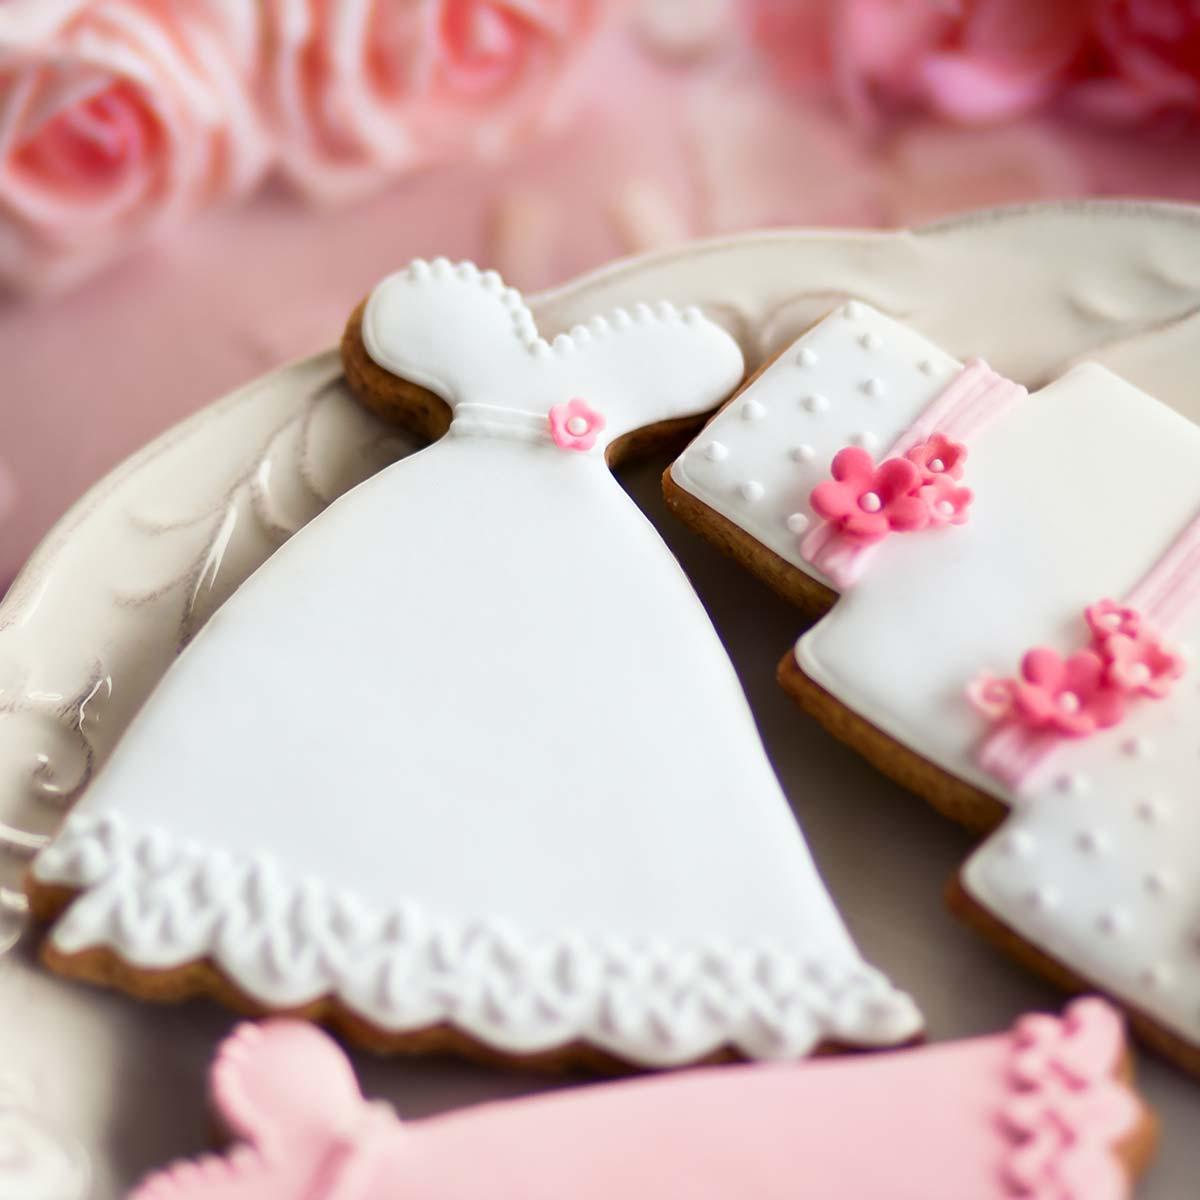 Beispiele für Hochzeitskekse: So einfach sind sie gemacht und so schön sehen sie aus!